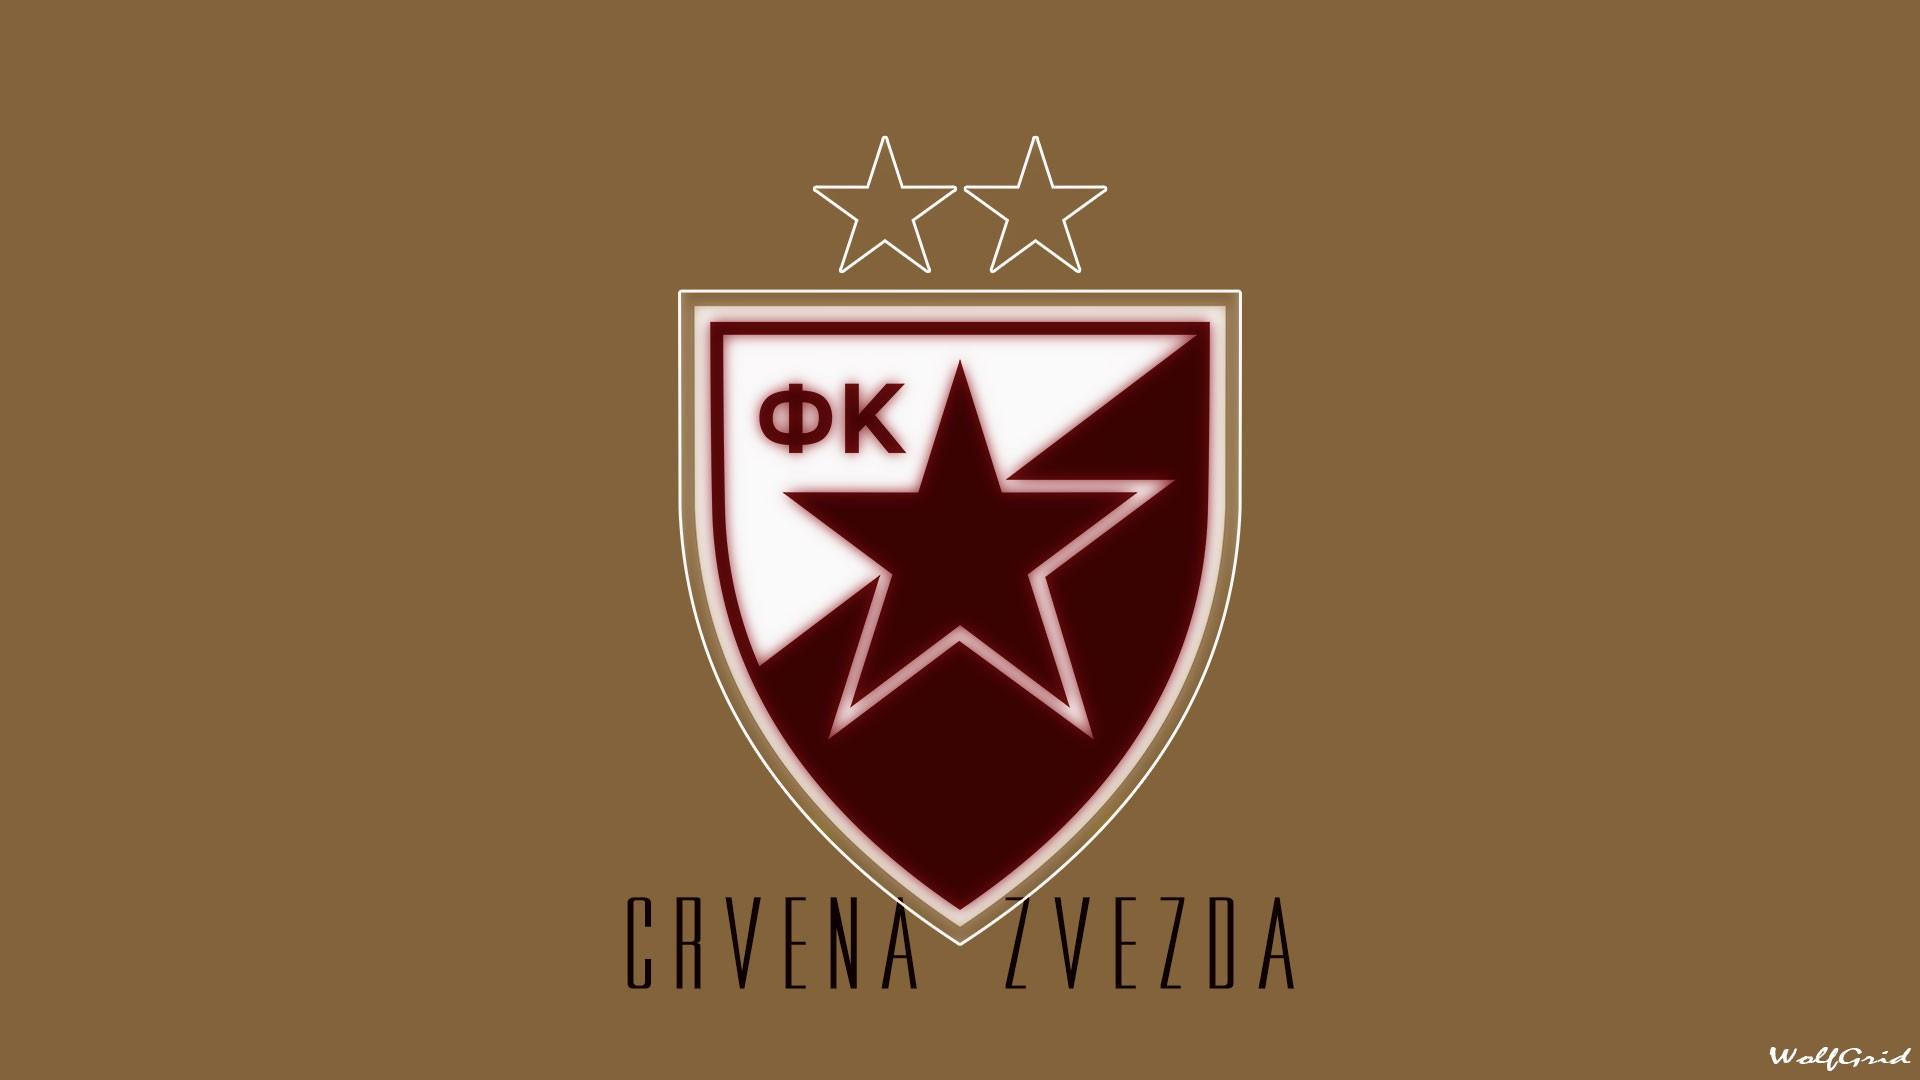 Wallpaper 1920x1080 Px Crest Crvena Zvezda Logo Soccer